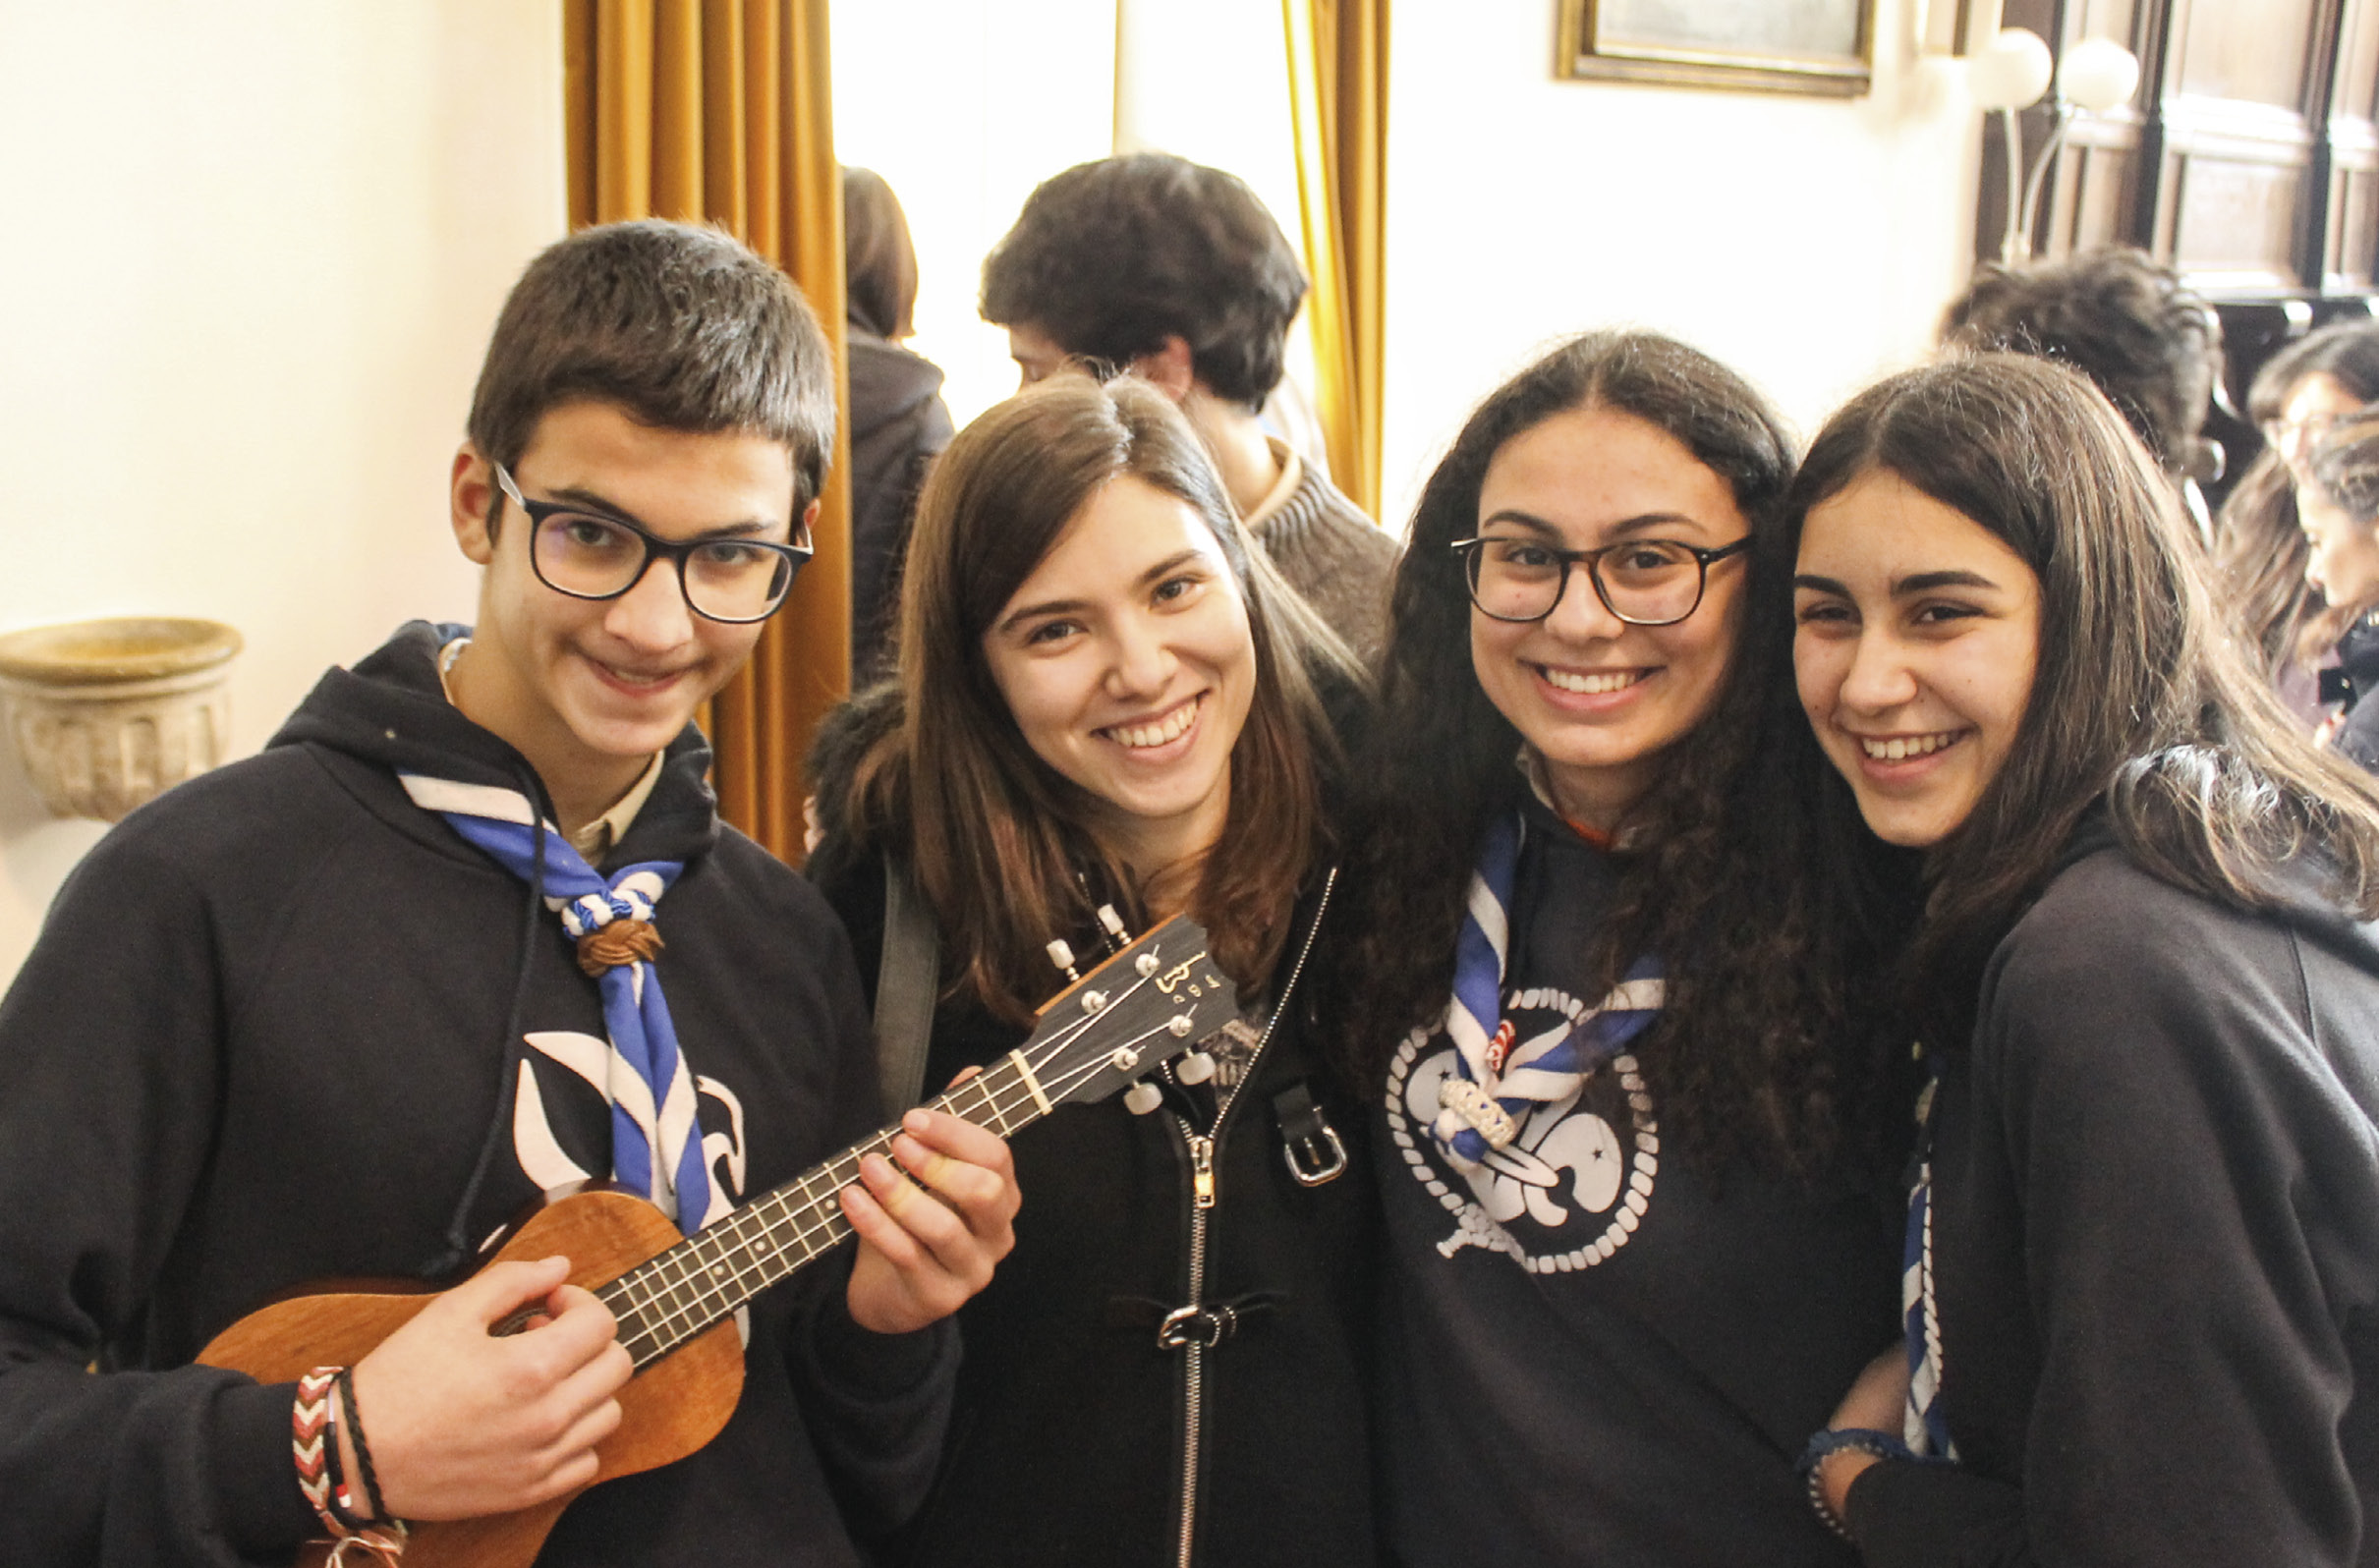 Jovens escutas do Agrupamento 109, Santo António dos Olivais, Coimbra. Foto MSA.